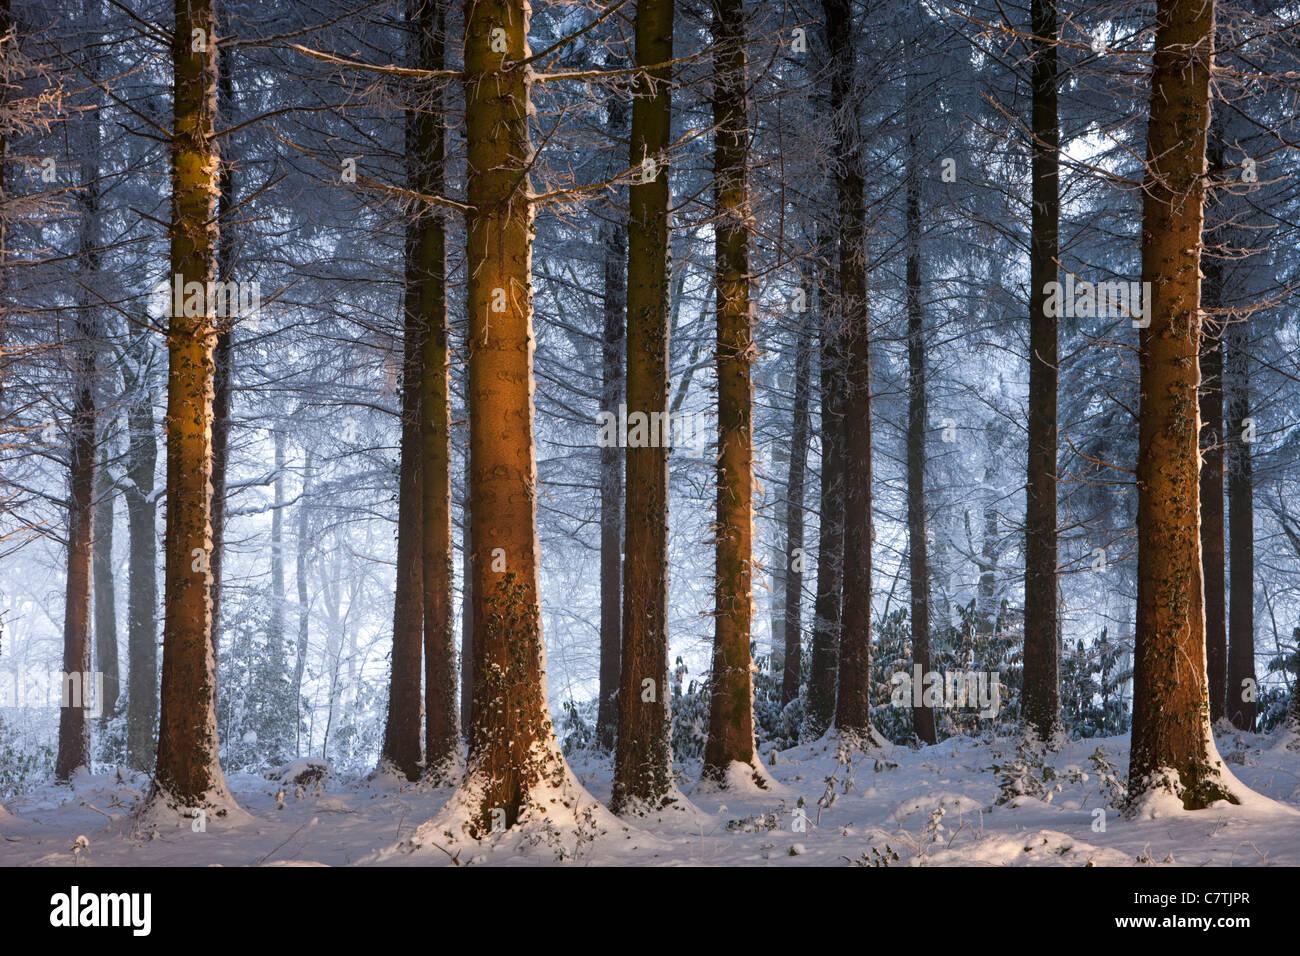 Hiver neige couverts de forêts, bois Morchard, Devon, Angleterre. Décembre 2010. Photo Stock